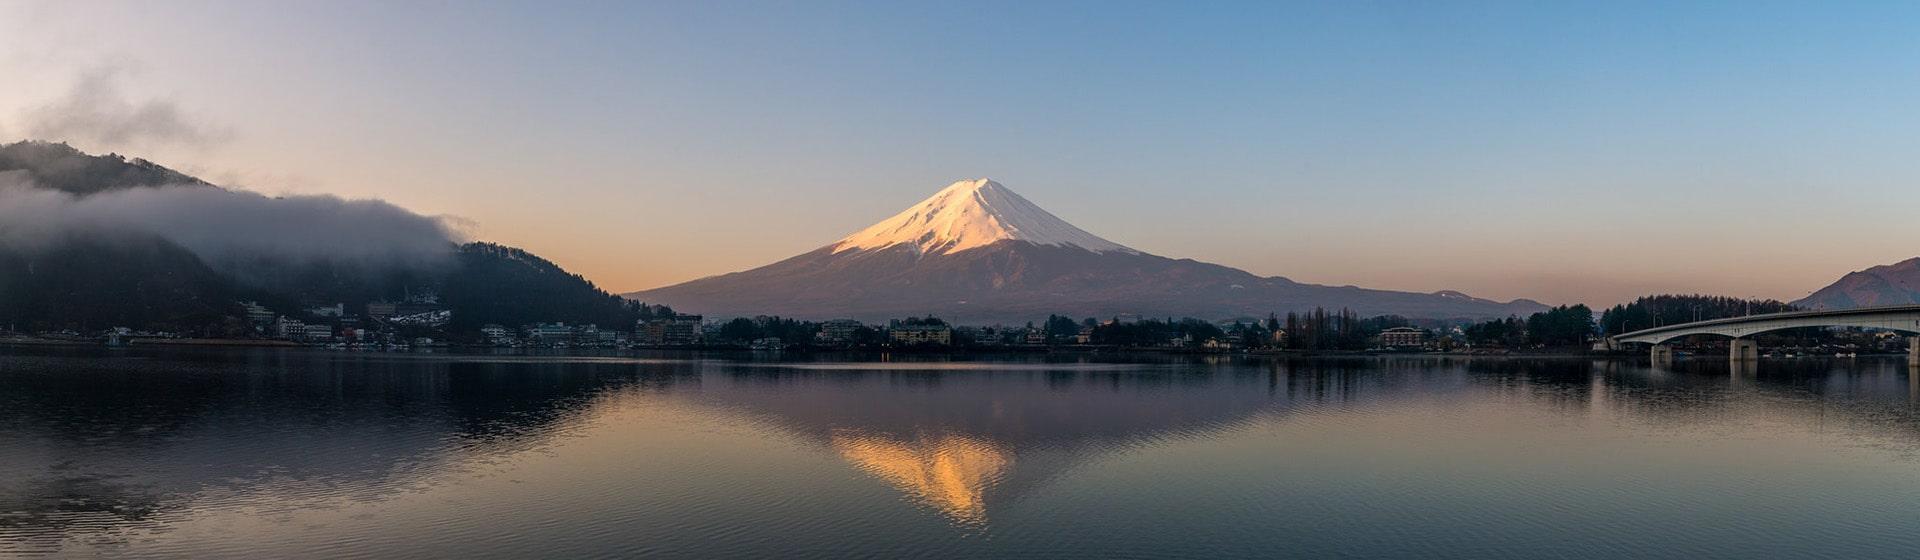 Япония с востока на запад. Майские праздники в Японии <br> Токио — Одайба — Фудзи-Кавагутико — Осака — Киото — Миядзима — Хиросима — Токио